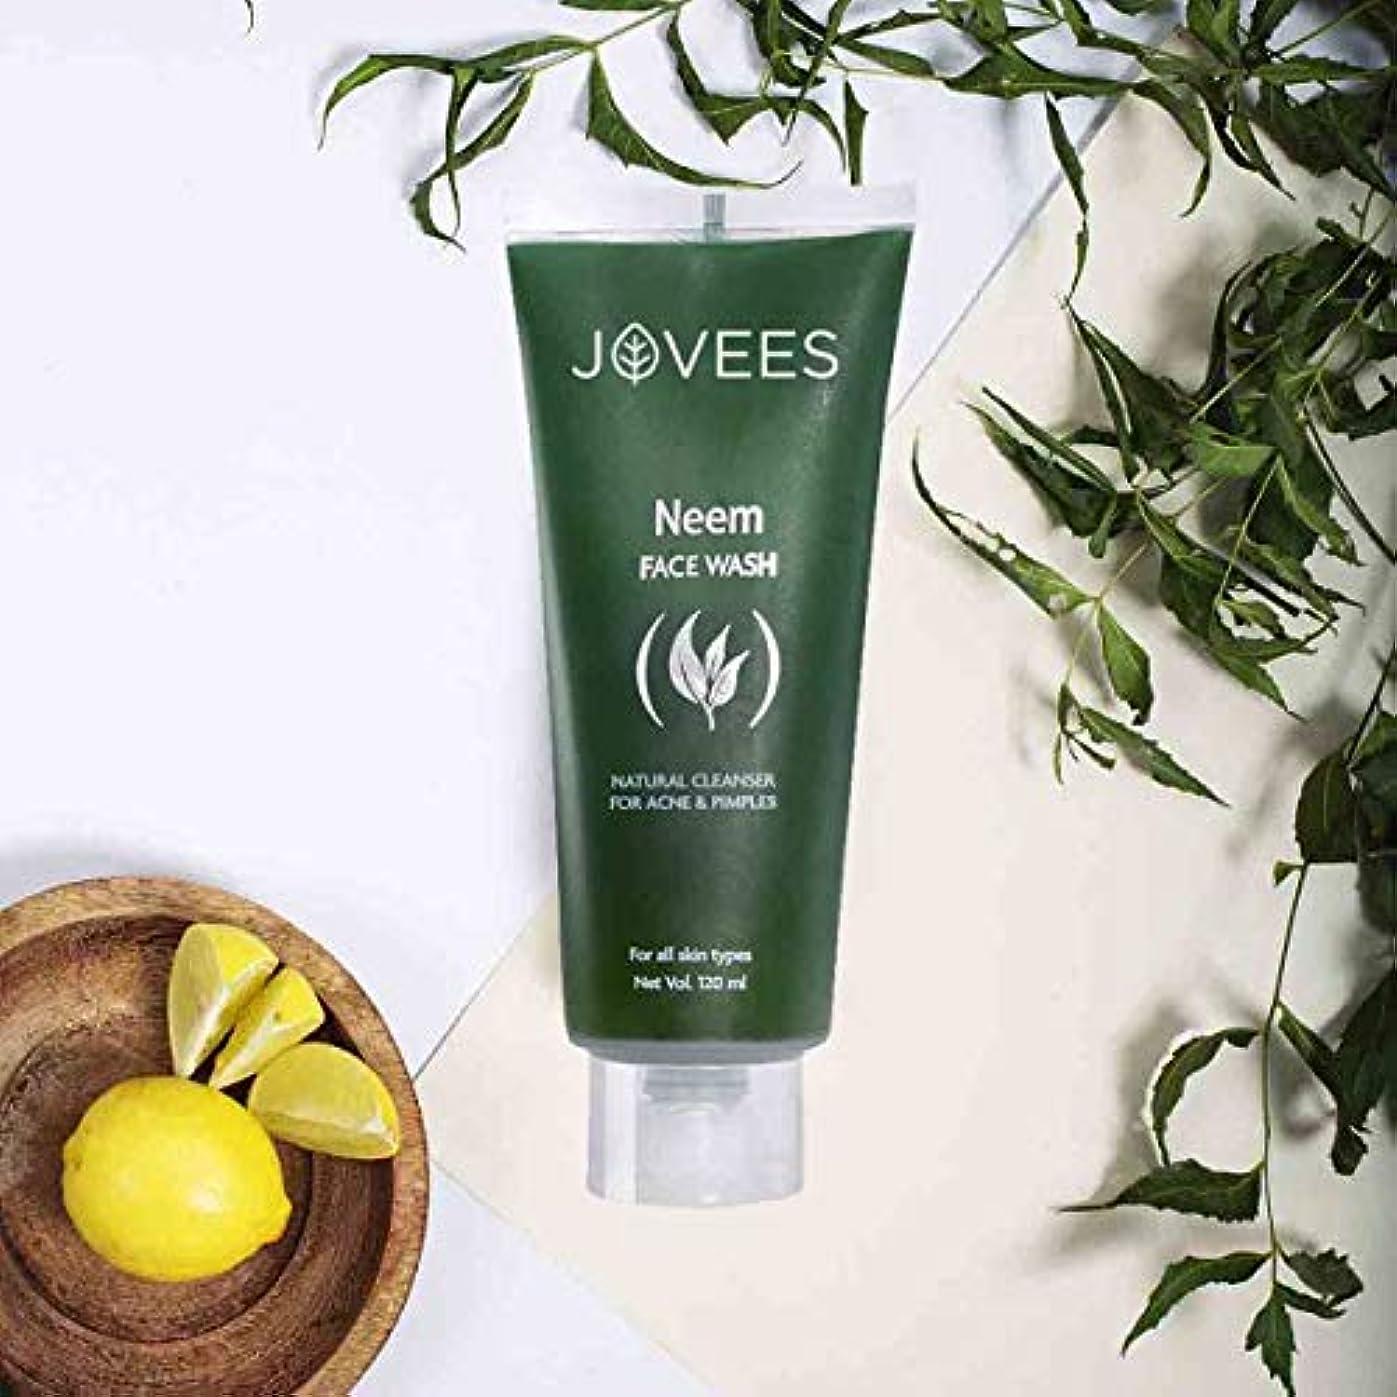 軽減するマスタード勉強するJovees Natural Neem Face Wash 120ml help mitigate pimple & Acne improve skin complexion ナチュラルニームフェイスウォッシュがニキビの...